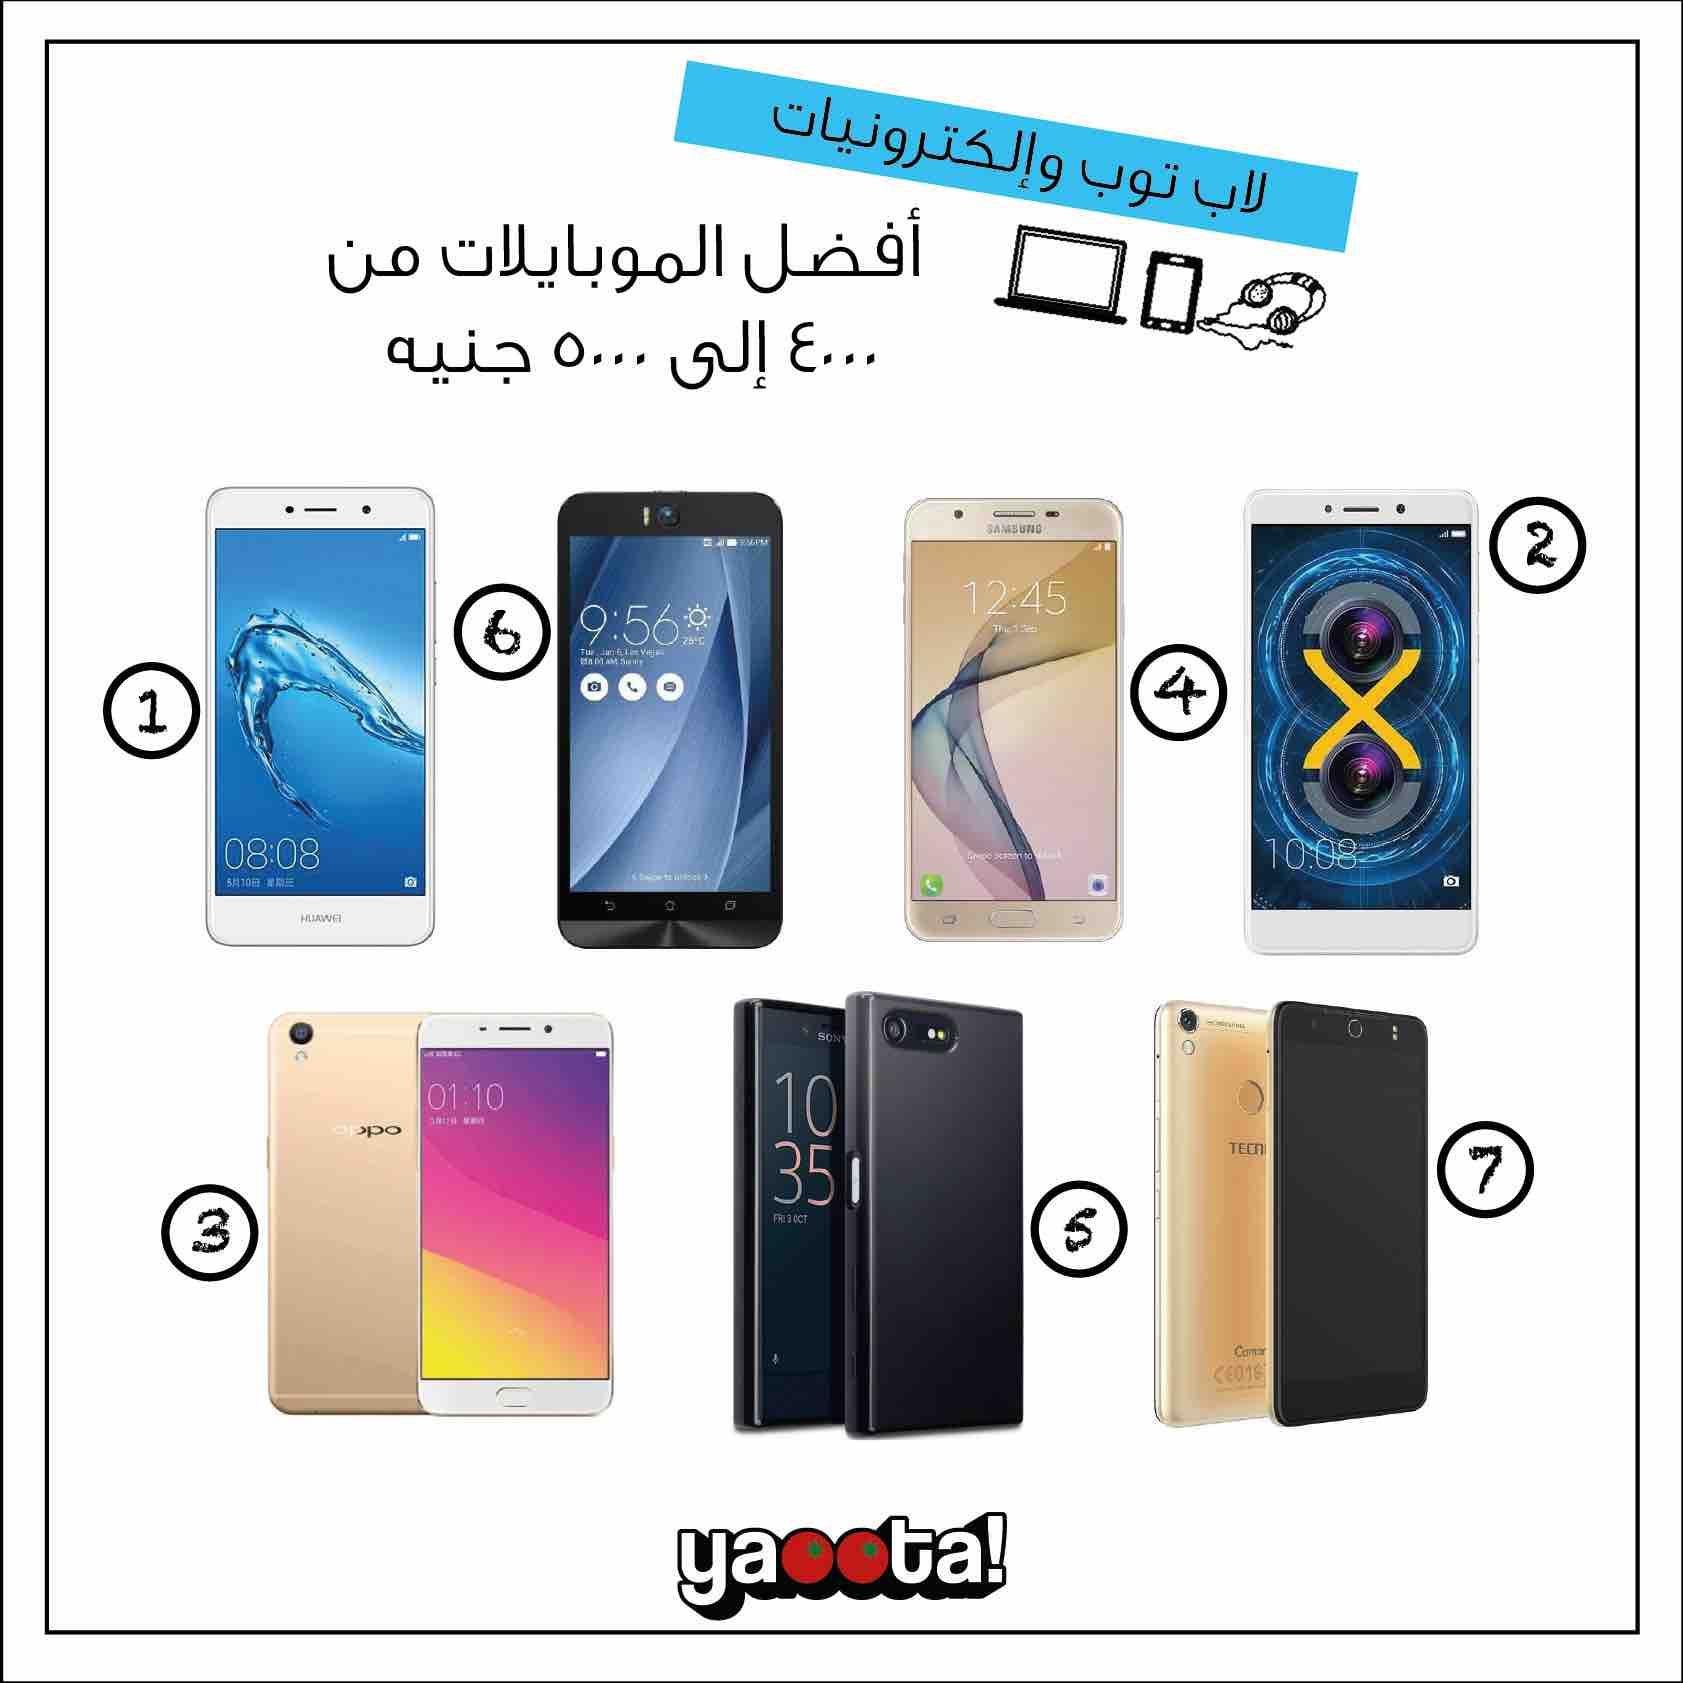 أفضل موبايلات بسعر من 4 إلى 5 الاف جنيه في مصر